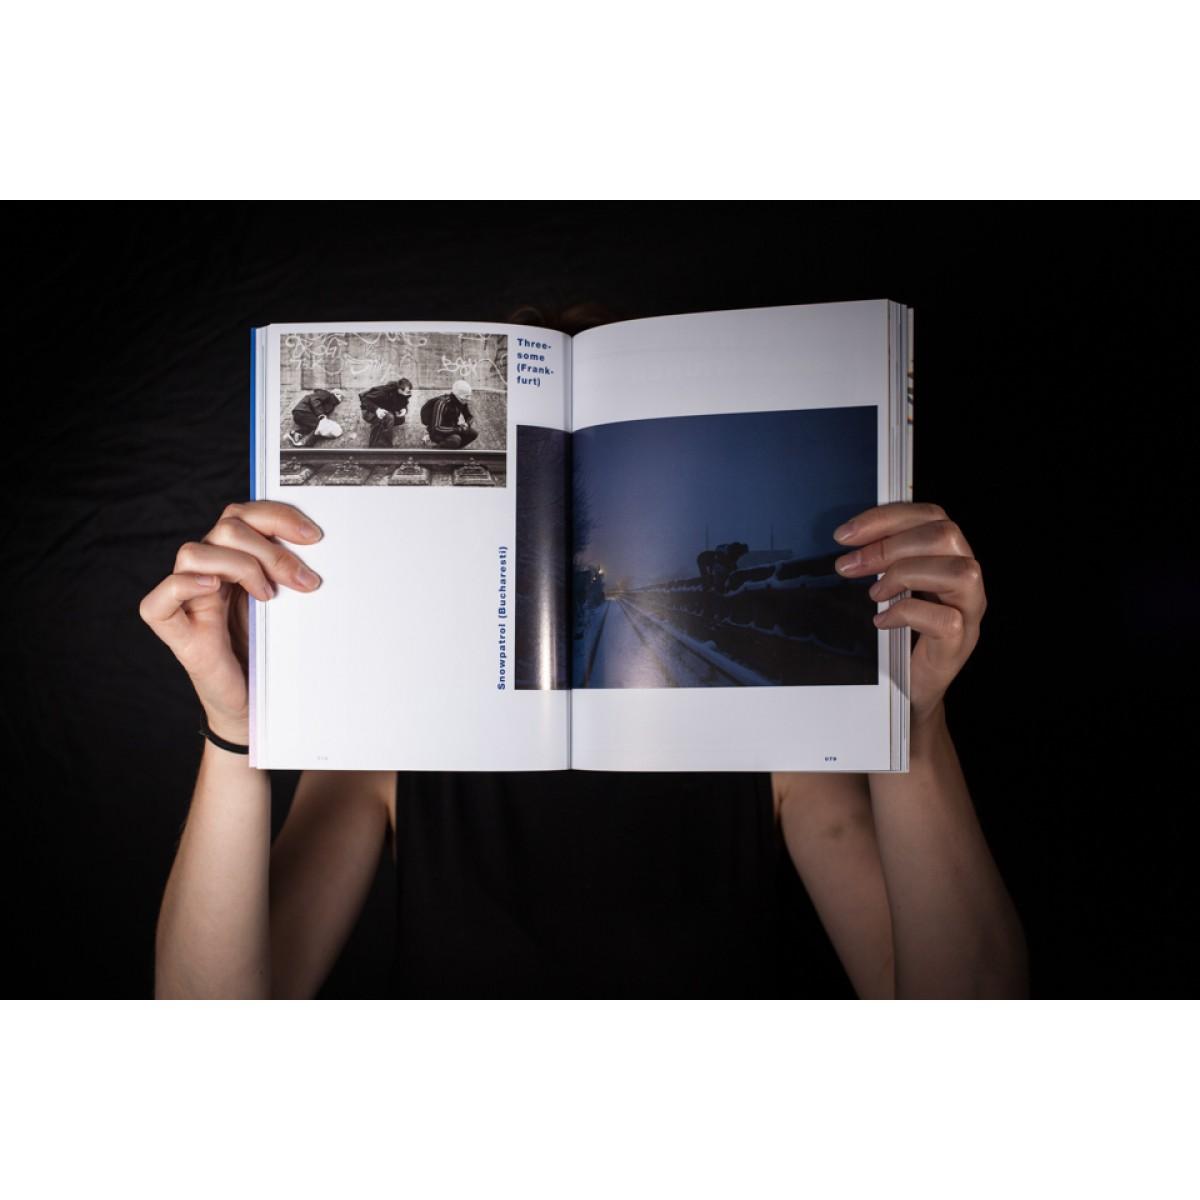 HANT — Magazin für Fotografie / Ausgabe 07 »Bund fürs Leben«